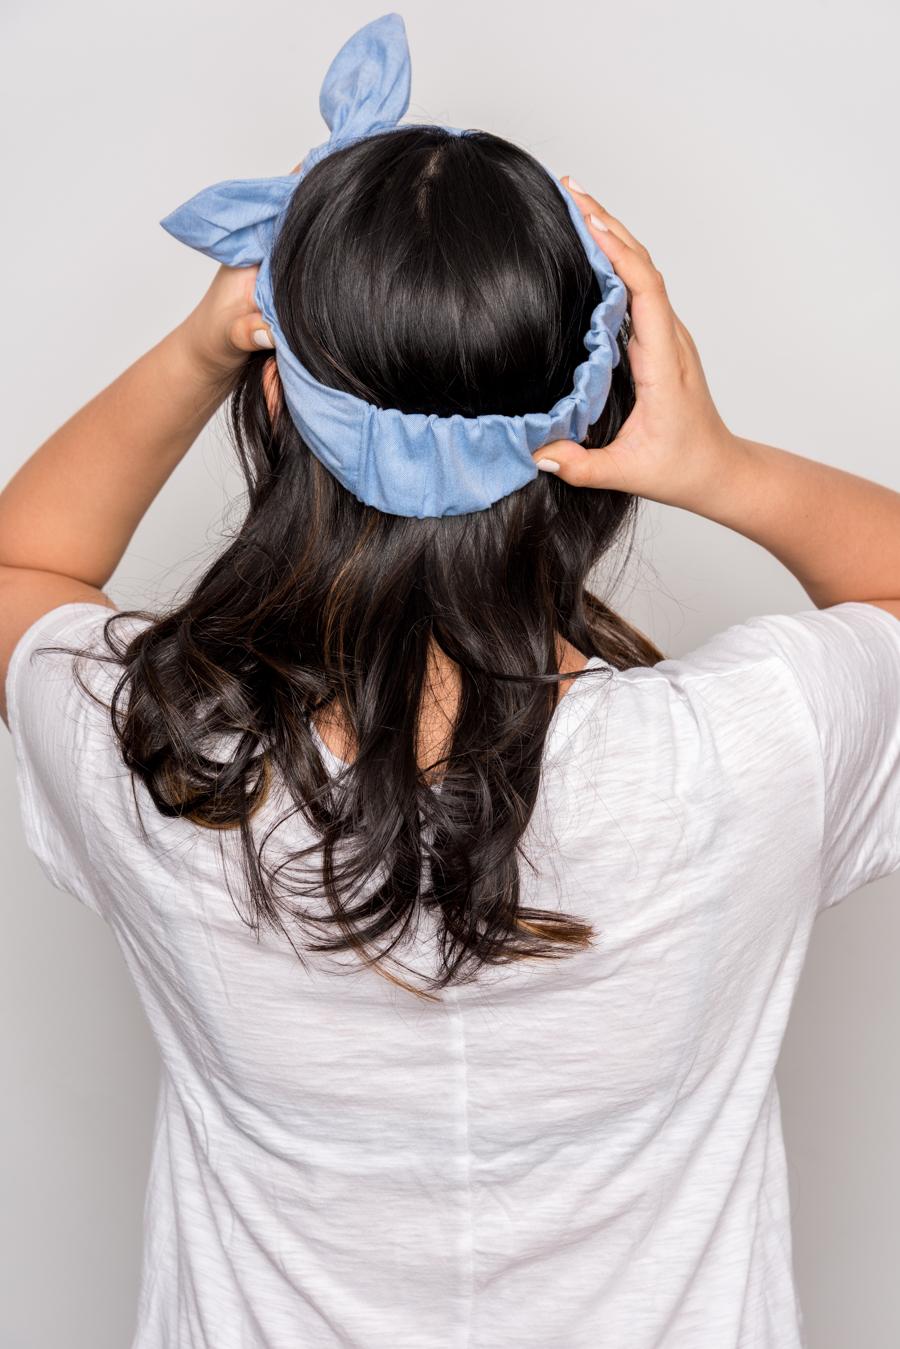 How To Do An Easy Headband Updo 夏にオススメの簡単ヘアアレンジ 2